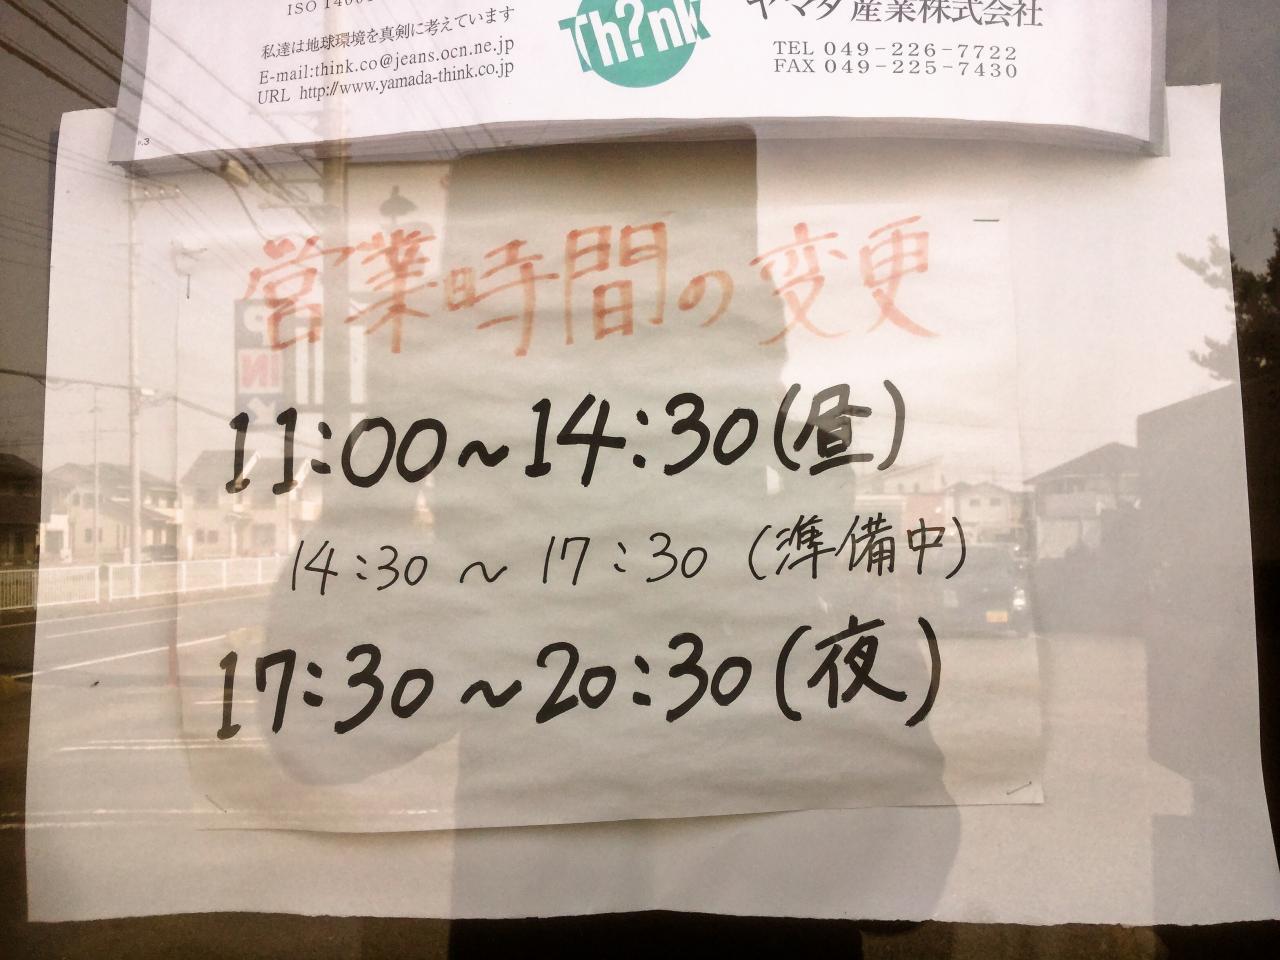 秋田ラーメン はま(店舗)